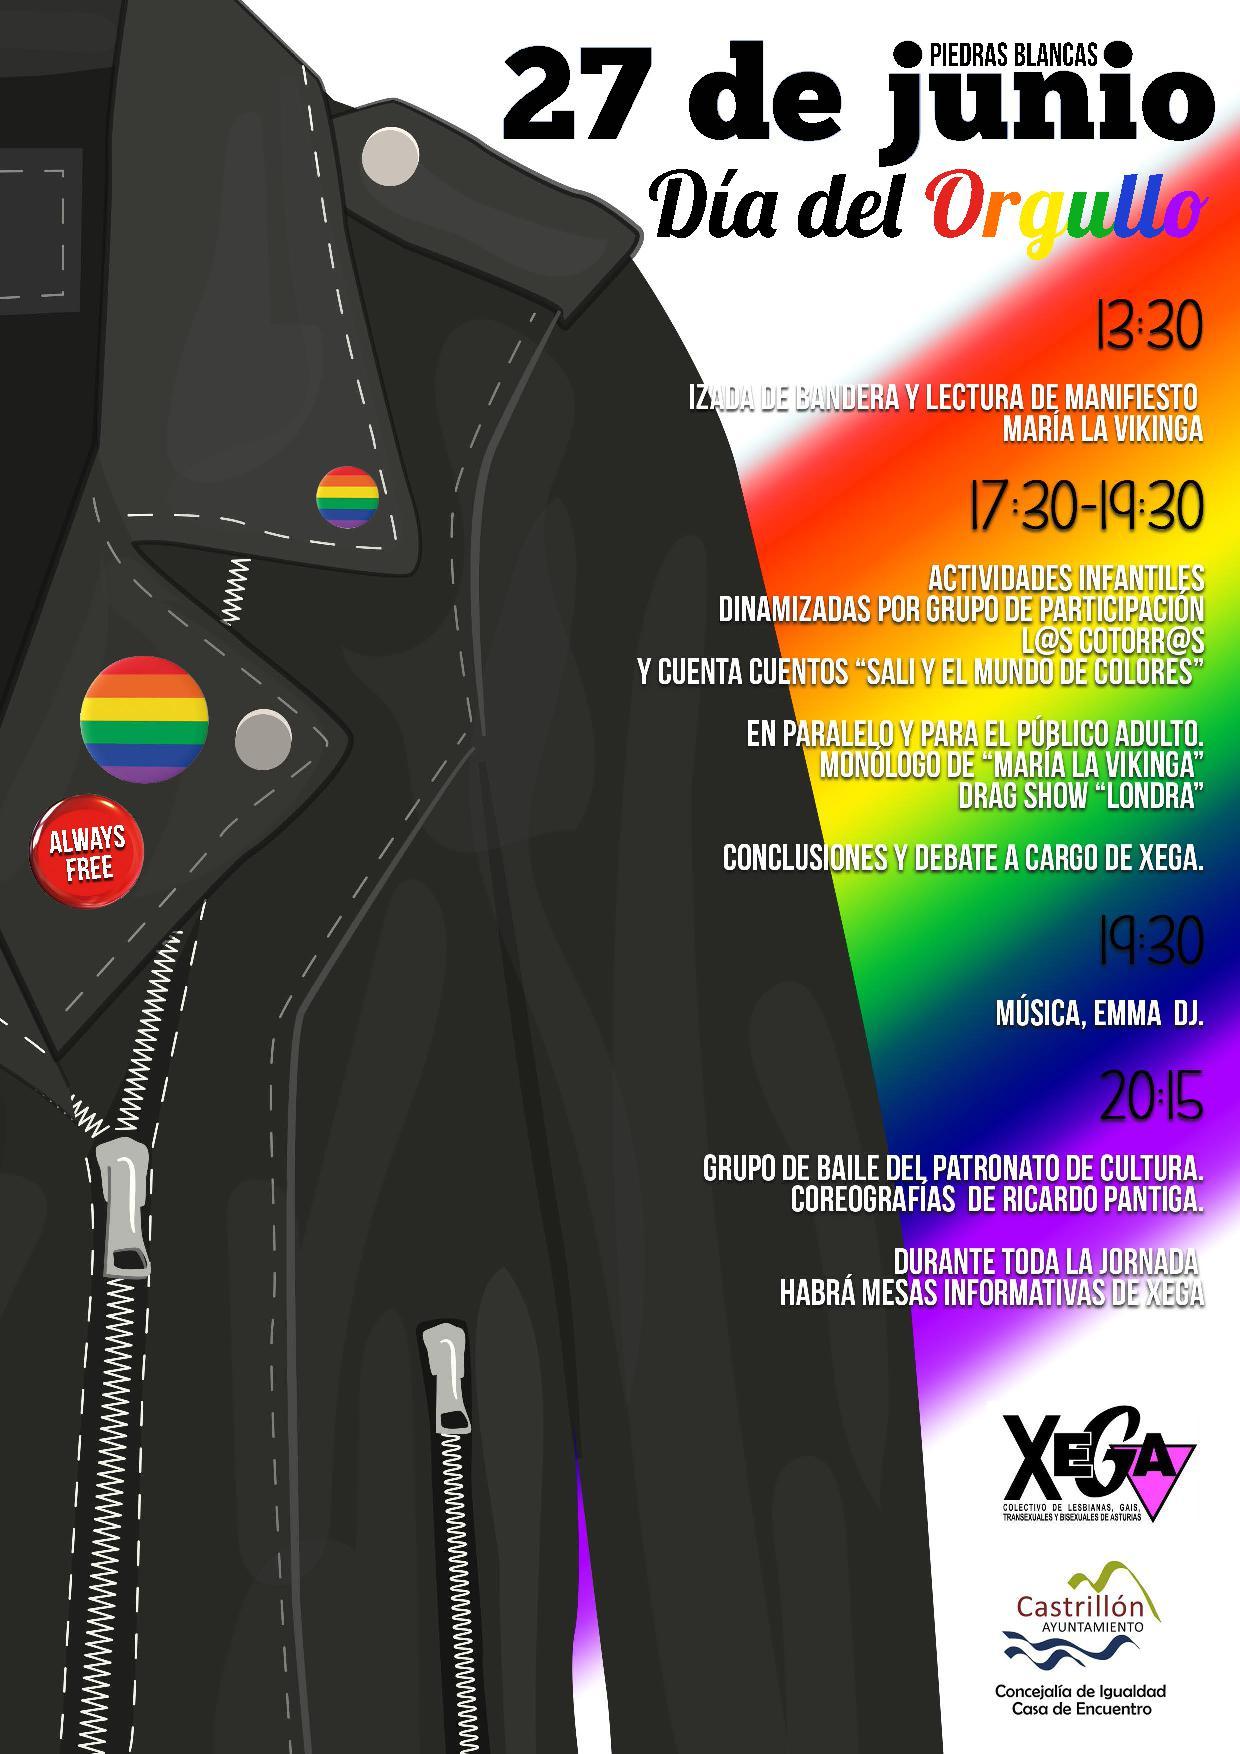 Cartel Orgullo_2017_Piedrasblancas